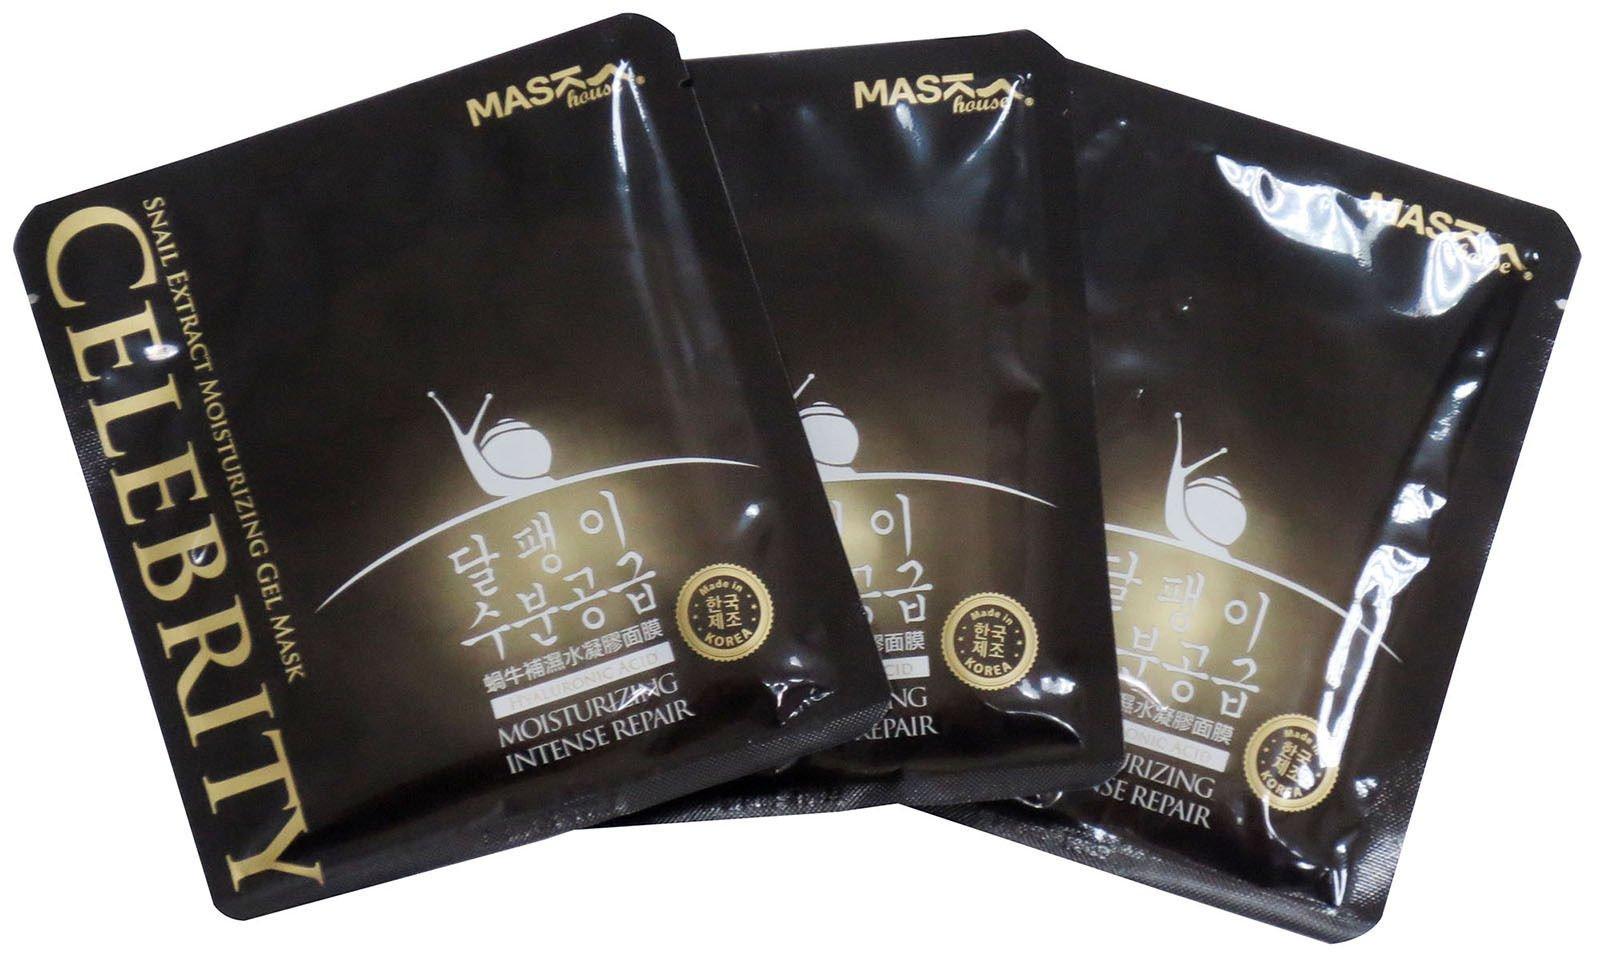 Snail Mask- Korean skin care elixir